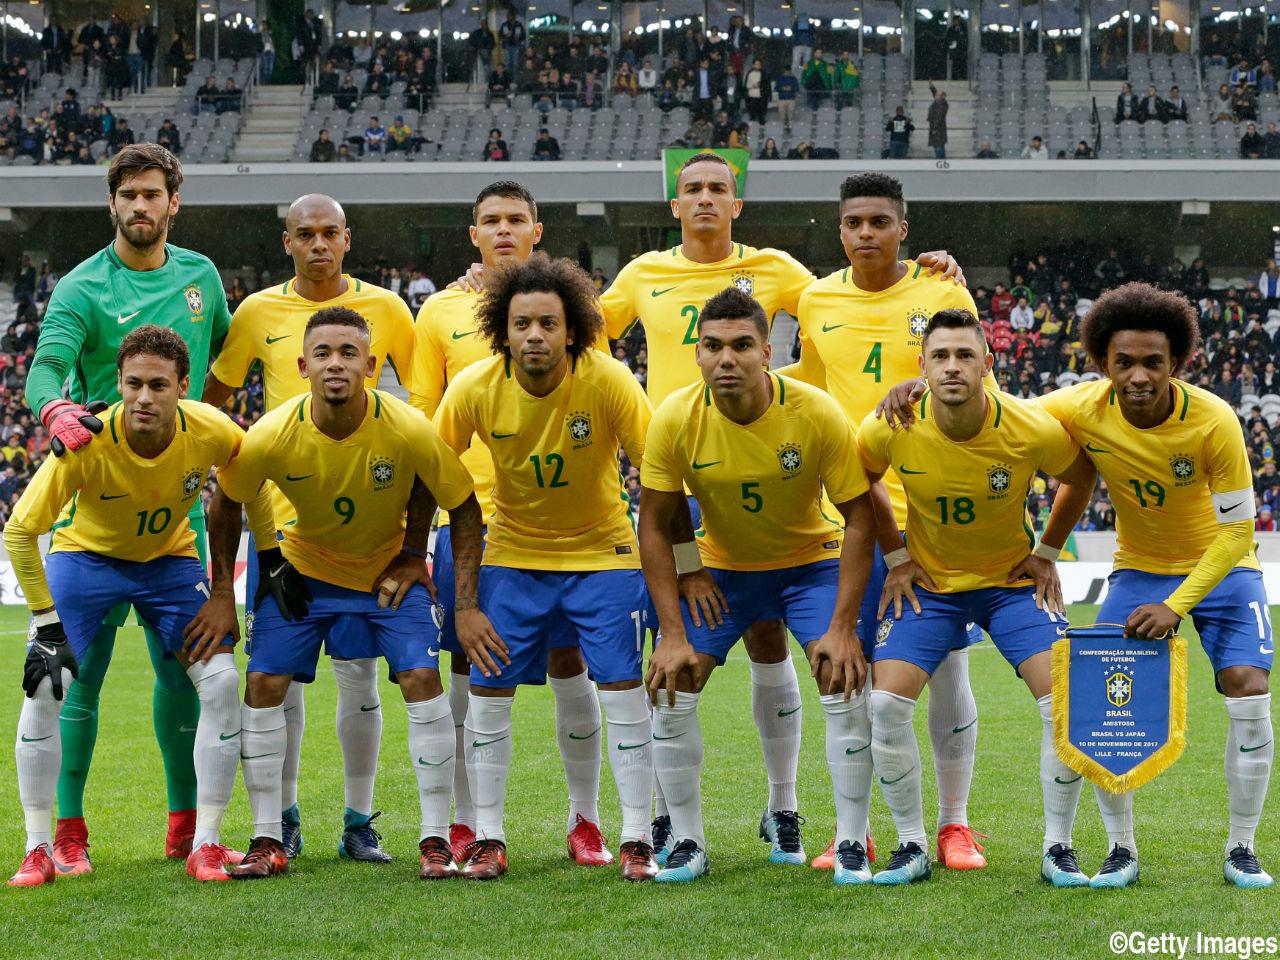 【悲報】ブラジルは豚ウドやロベカルみたいな規格外が何で出なくなったんや?